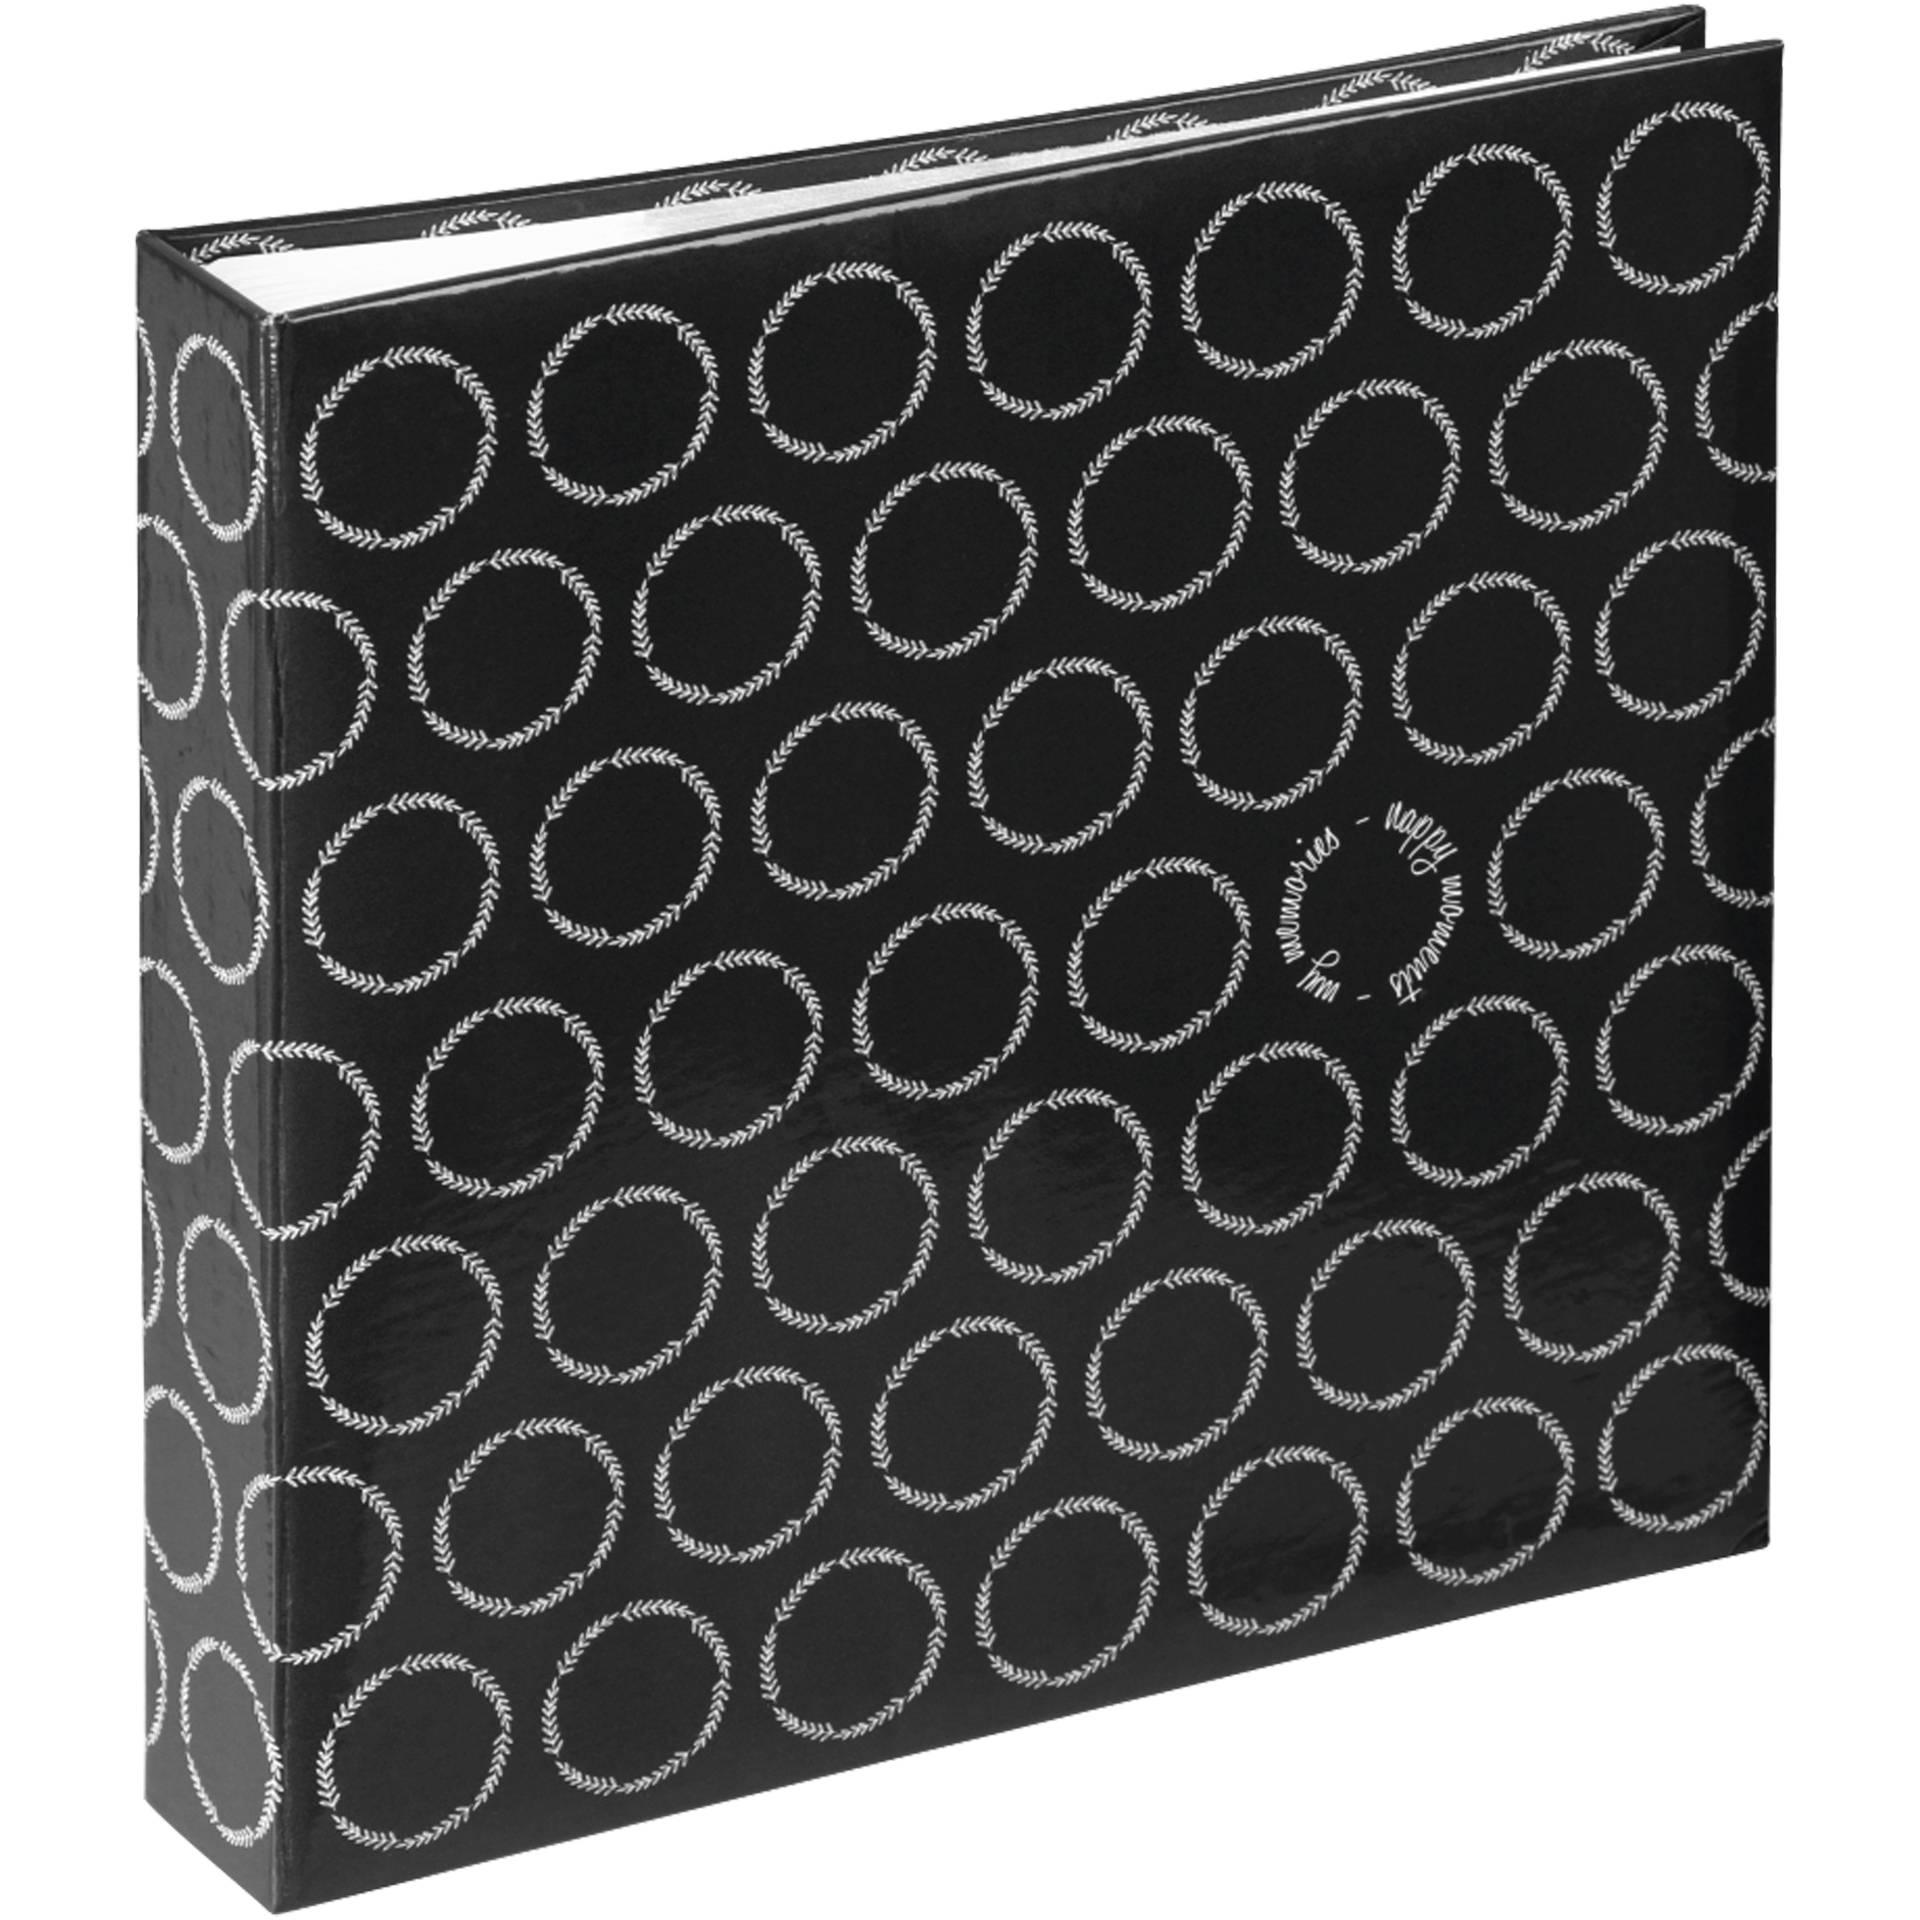 Hama Ivy Jumbo Black 30x30 - 80 white pages